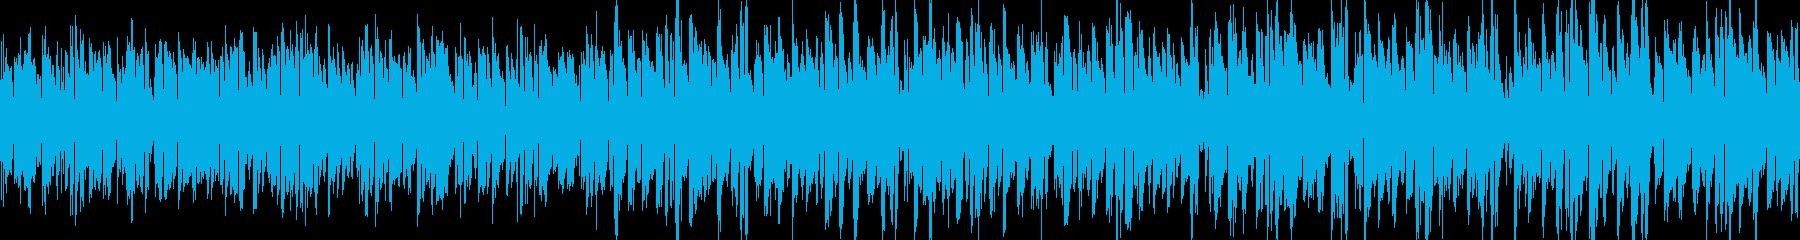 アルペジオ無機質エレクトロニカの再生済みの波形